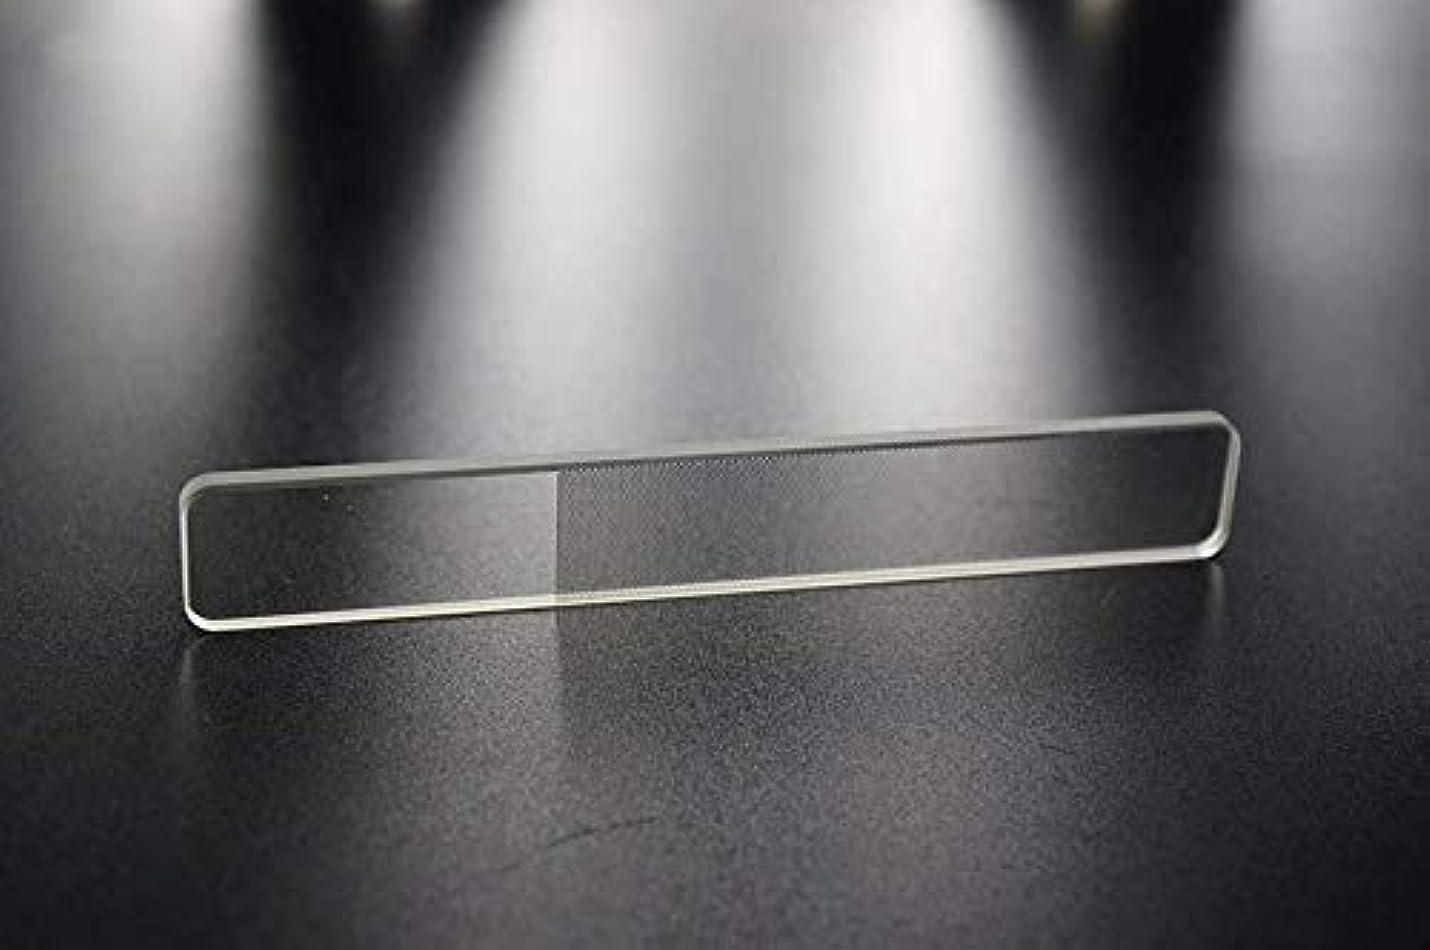 キャラバンフリンジまっすぐ爪やすり 爪磨き ガラス製 ネイルシャイナ つめみがき ネイルケア ナノ技術が生んだ全く新しい つめやすり (爪)